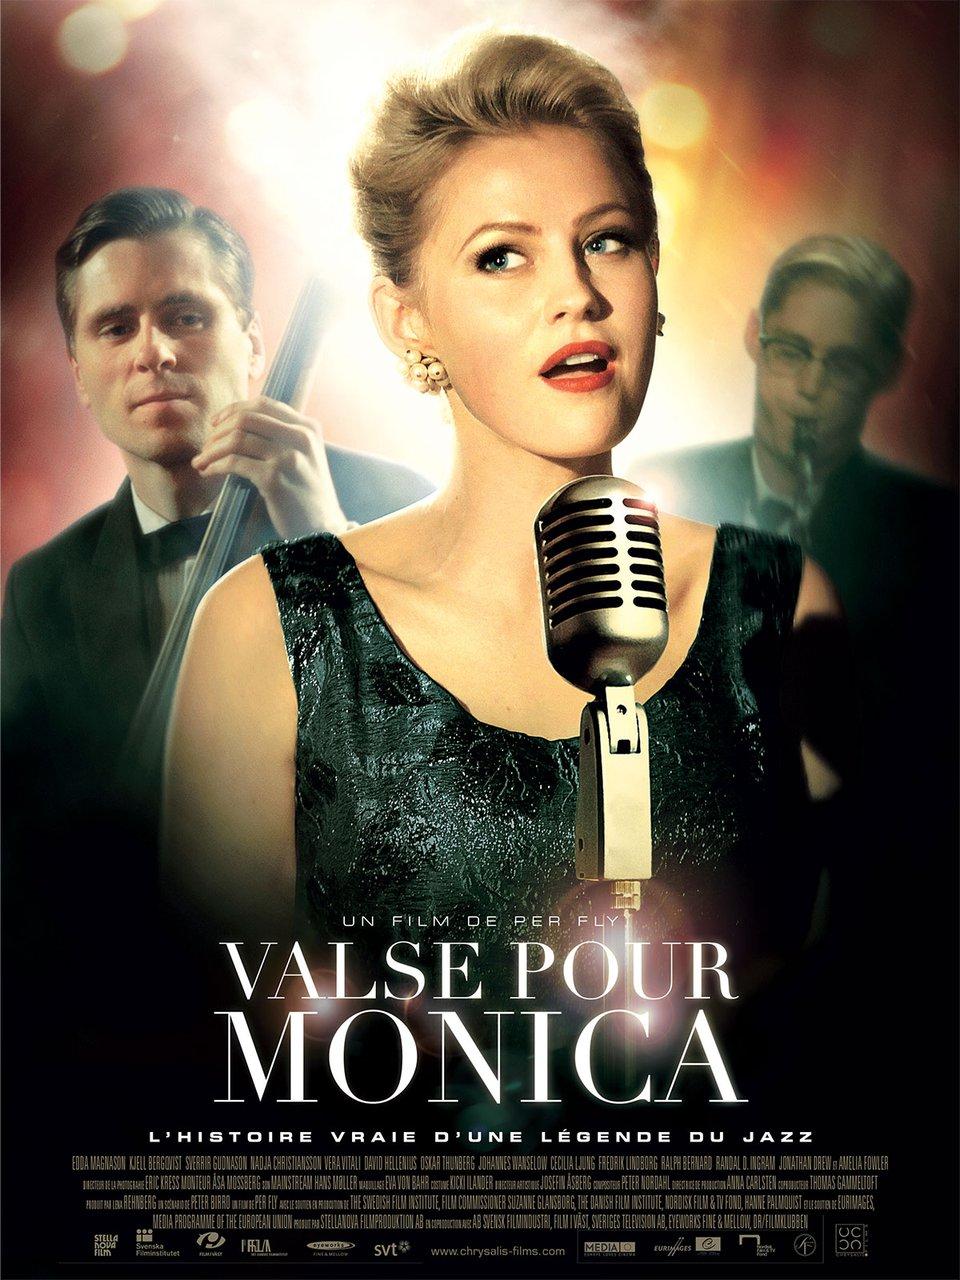 Постеры к фильму Вальс для Моники (2013). Постер 1 размер 960px x 1280px